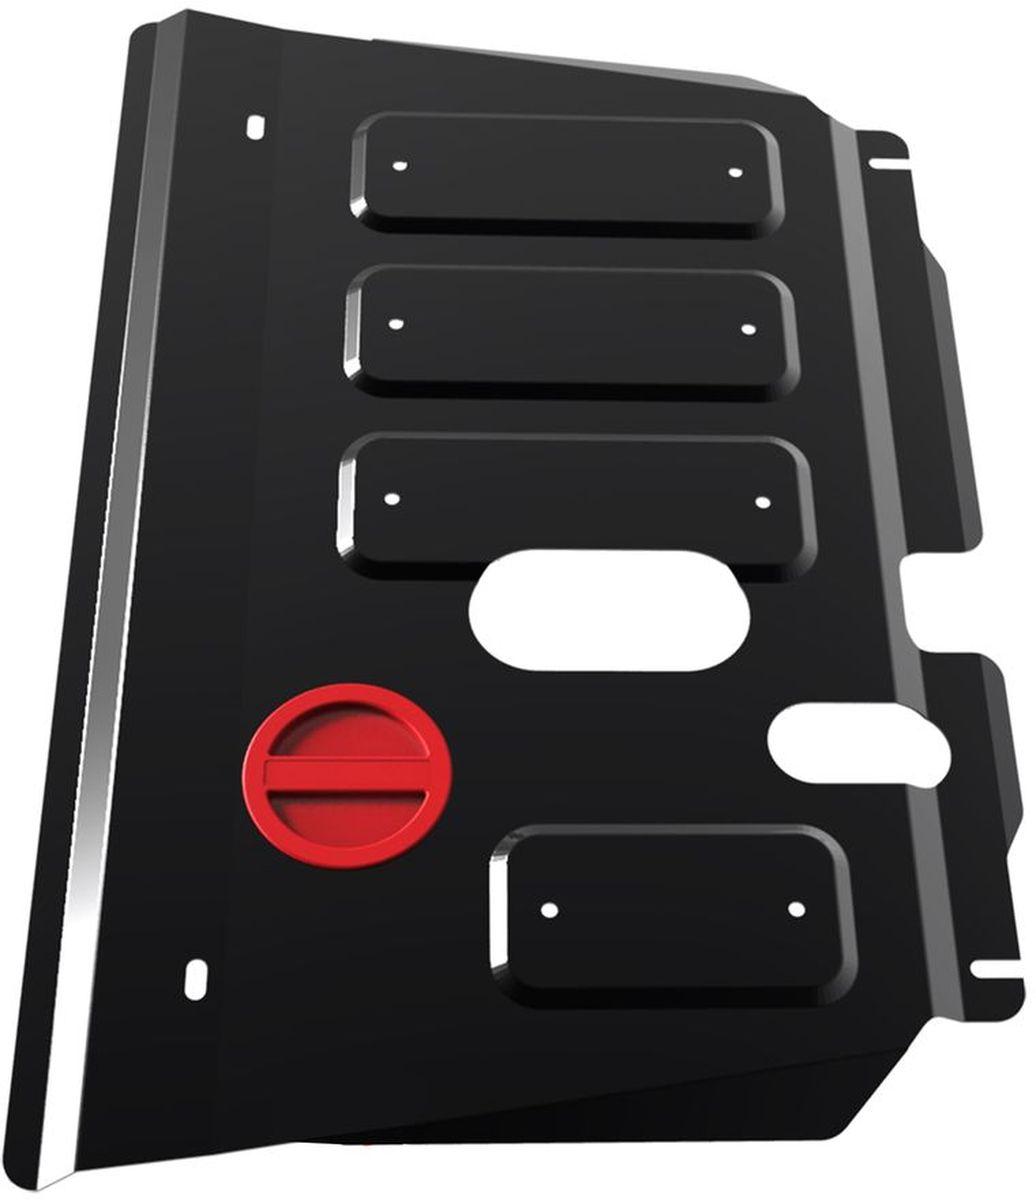 Защита картера и КПП Автоброня, для Toyota Ractis/Yaris. 111.05707.1111.05707.1Технологически совершенный продукт за невысокую стоимость. Защита разработана с учетом особенностей днища автомобиля, что позволяет сохранить дорожный просвет с минимальным изменением. Защита устанавливается в штатные места кузова автомобиля. Глубокий штамп обеспечивает до двух раз больше жесткости в сравнении с обычной защитой той же толщины. Проштампованные ребра жесткости препятствуют деформации защиты при ударах. Тепловой зазор и вентиляционные отверстия обеспечивают сохранение температурного режима двигателя в норме. Скрытый крепеж предотвращает срыв крепежных элементов при наезде на препятствие. Шумопоглощающие резиновые элементы обеспечивают комфортную езду без вибраций и скрежета металла, а съемные лючки для слива масла и замены фильтра - экономию средств и время. Конструкция изделия не влияет на пассивную безопасность автомобиля (при ударе защита не воздействует на деформационные зоны кузова). Со штатным крепежом. В комплекте инструкция по...